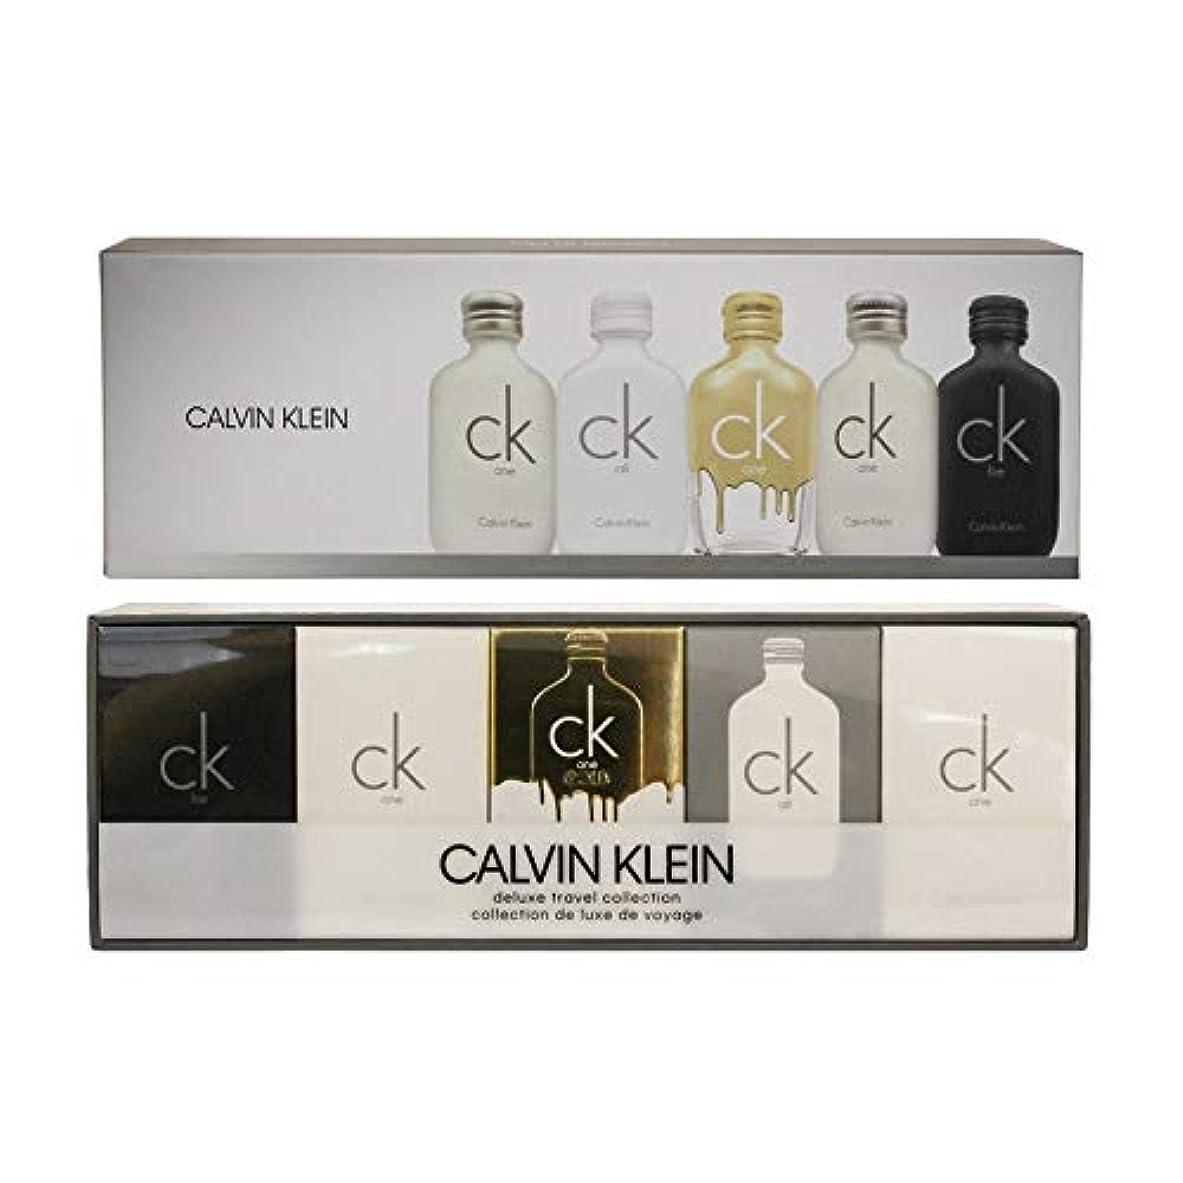 お茶関税努力するカルバン クライン CALVIN KLEIN ck シーケー デラックス トラベル コレクション ミニチュア ギフトセット 10ml×5本